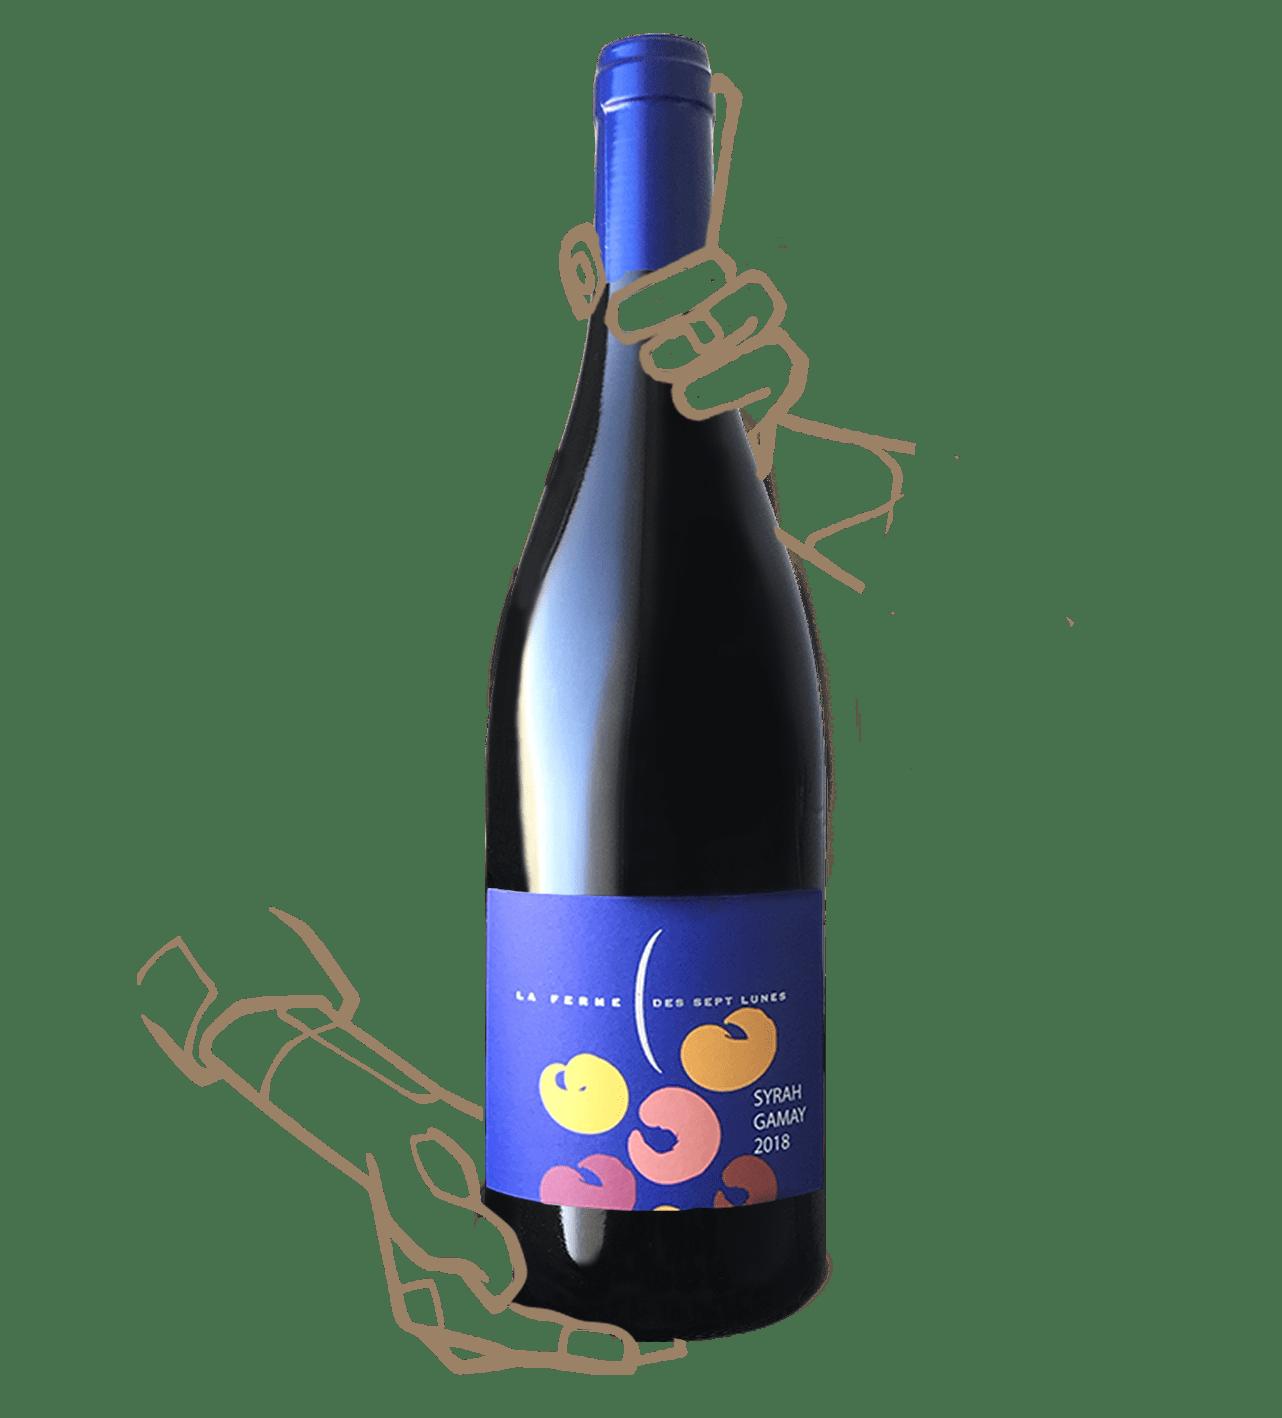 Le syrah-gamay du domaines des 7 lunes est un vin naturel sans sulfite ajouté de Saint Joseph